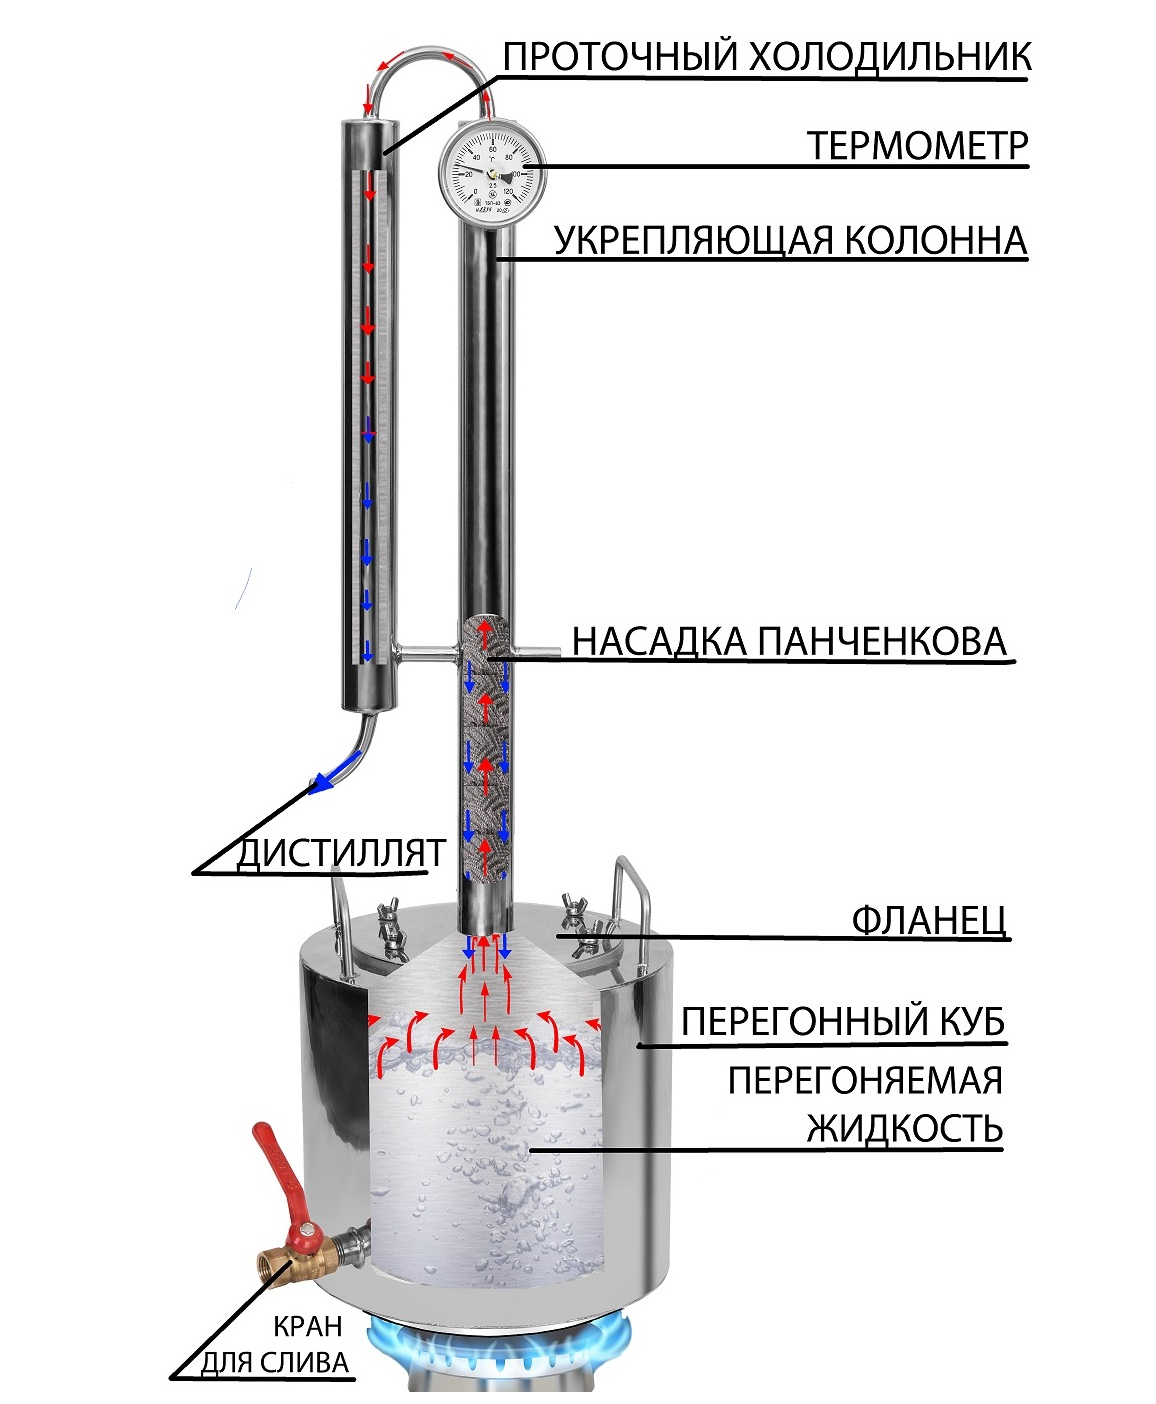 Самогонный аппарат схема с термометром самогонный аппарат вход и выход воды